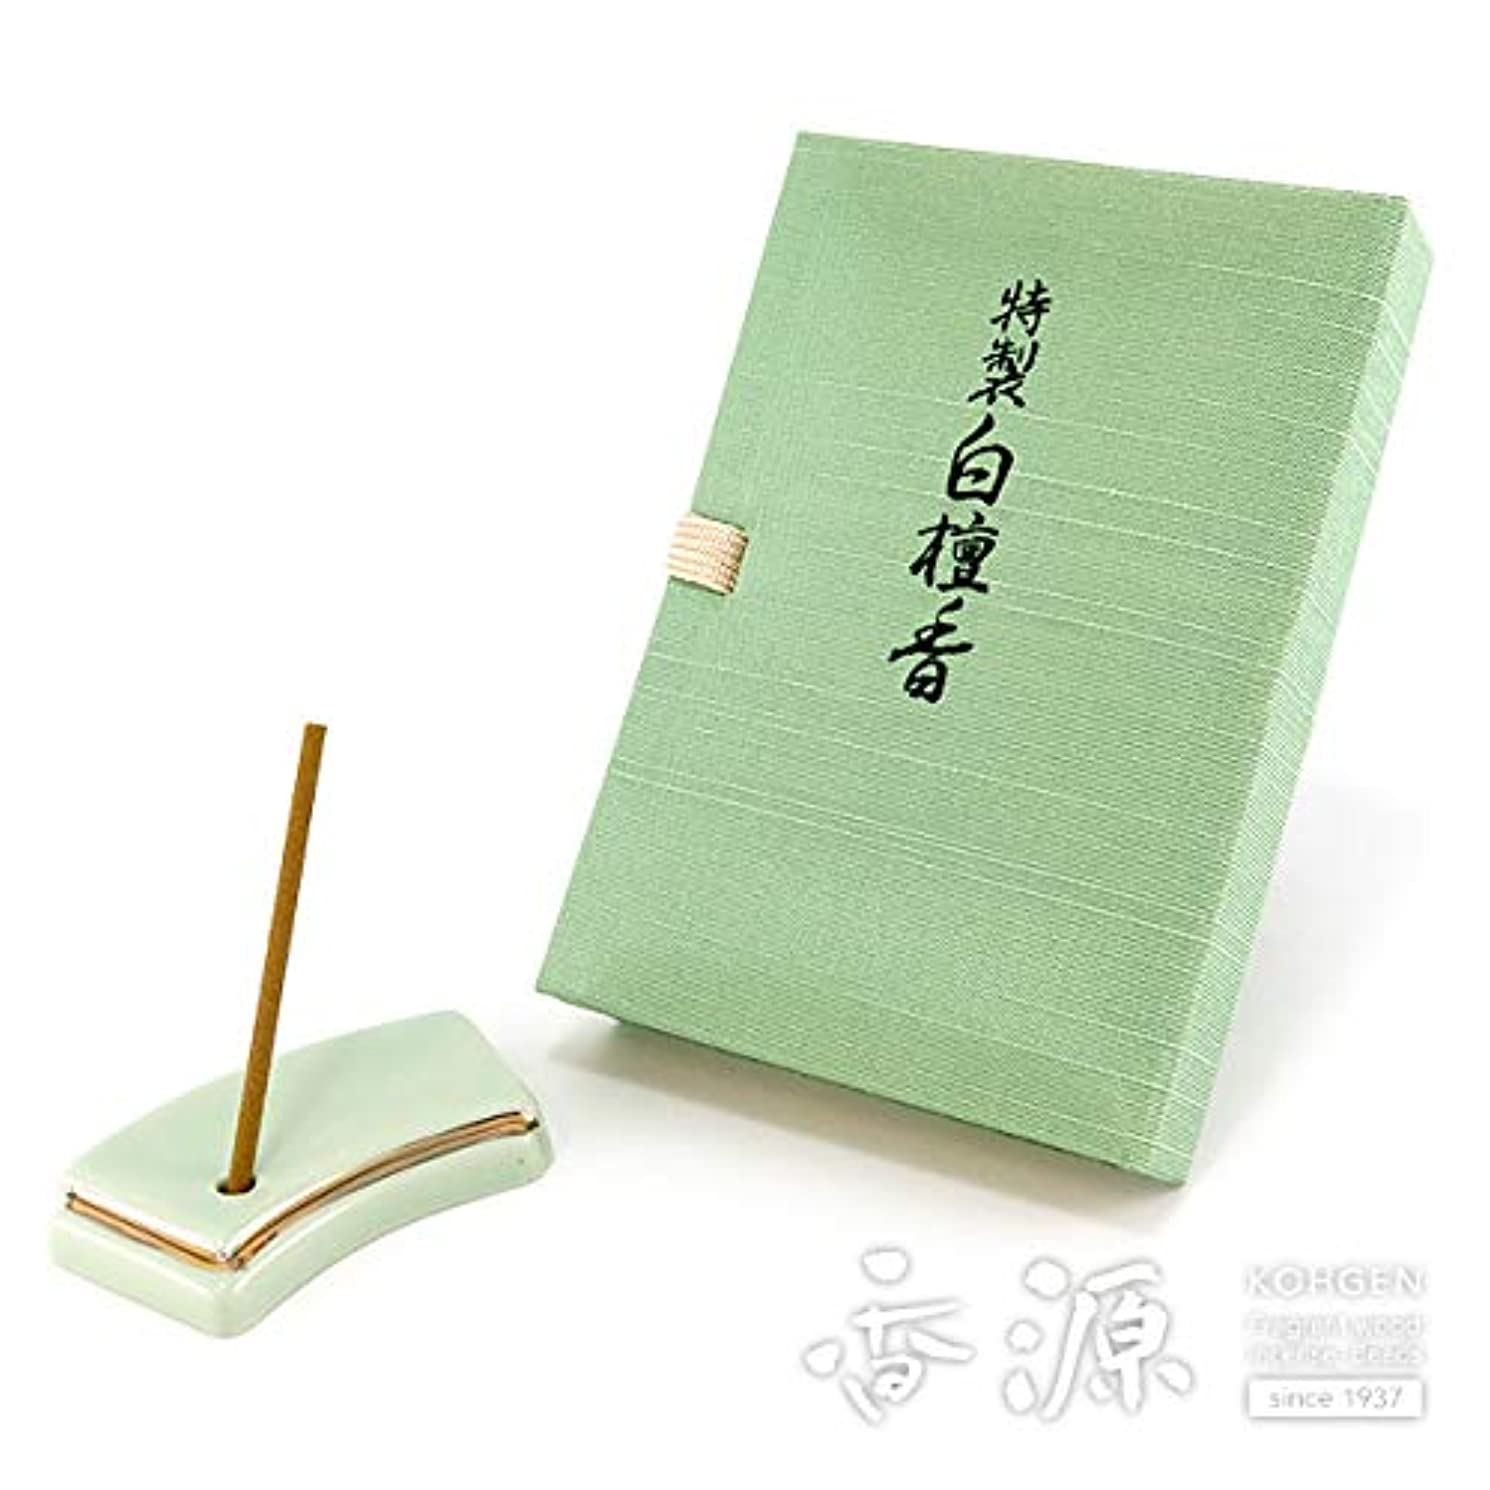 モンゴメリー呼びかけるうぬぼれ日本香堂のお香 特製白檀香 スティックミニ寸文庫型 60本入り